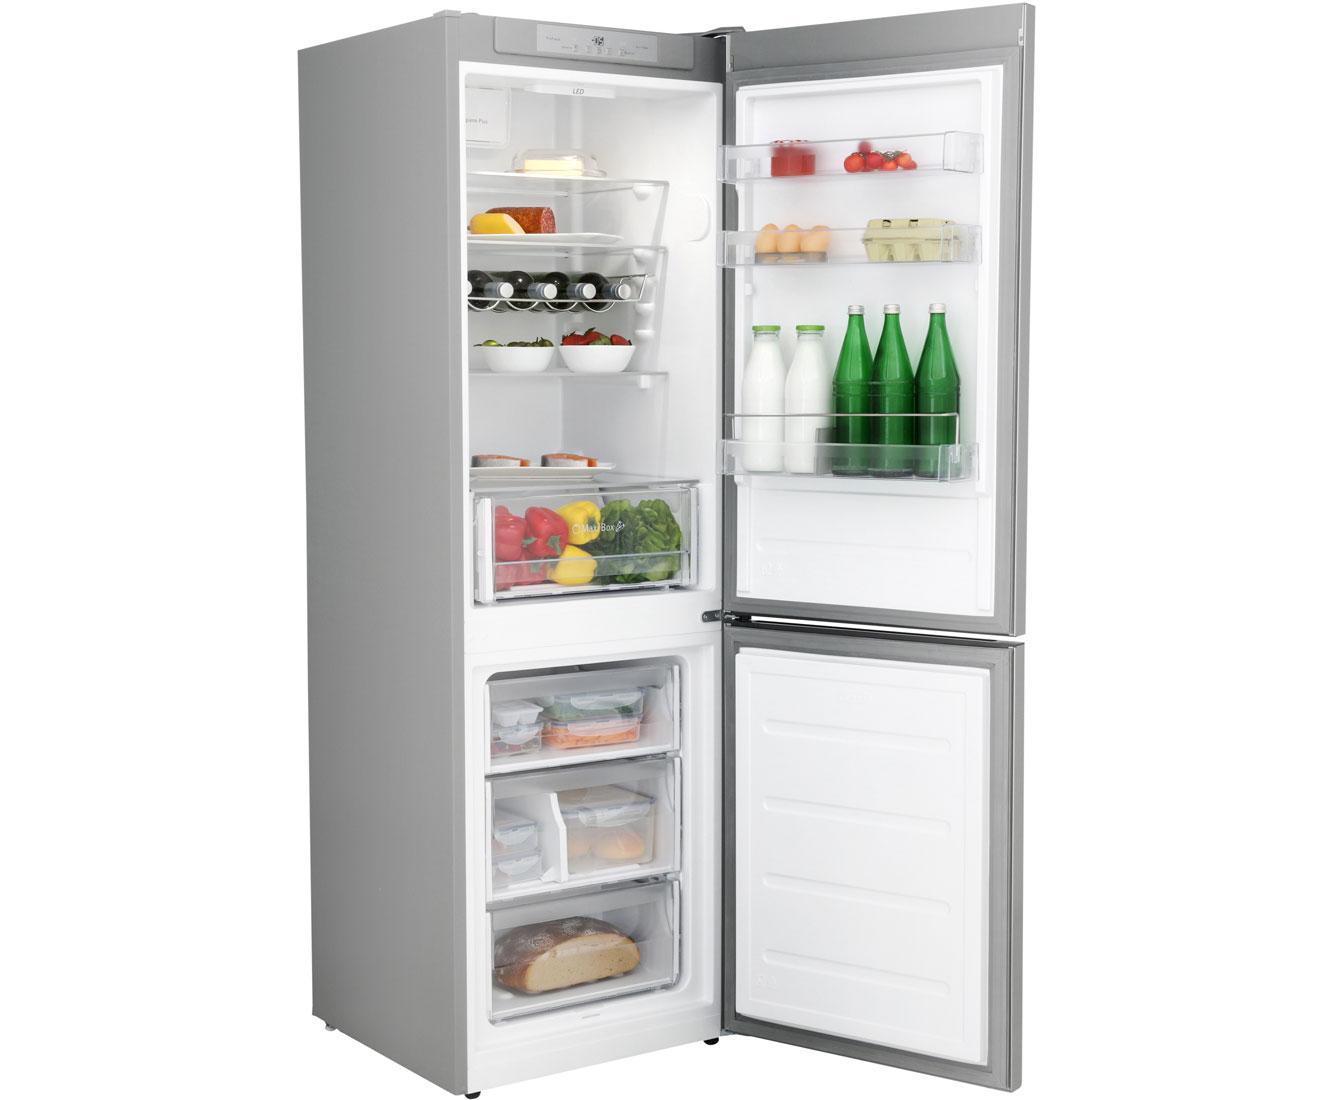 Siemens Kühlschrank Piept Nach Abtauen : Smeg kühlschrank piept dometic kühlschrank wohnmobil piept